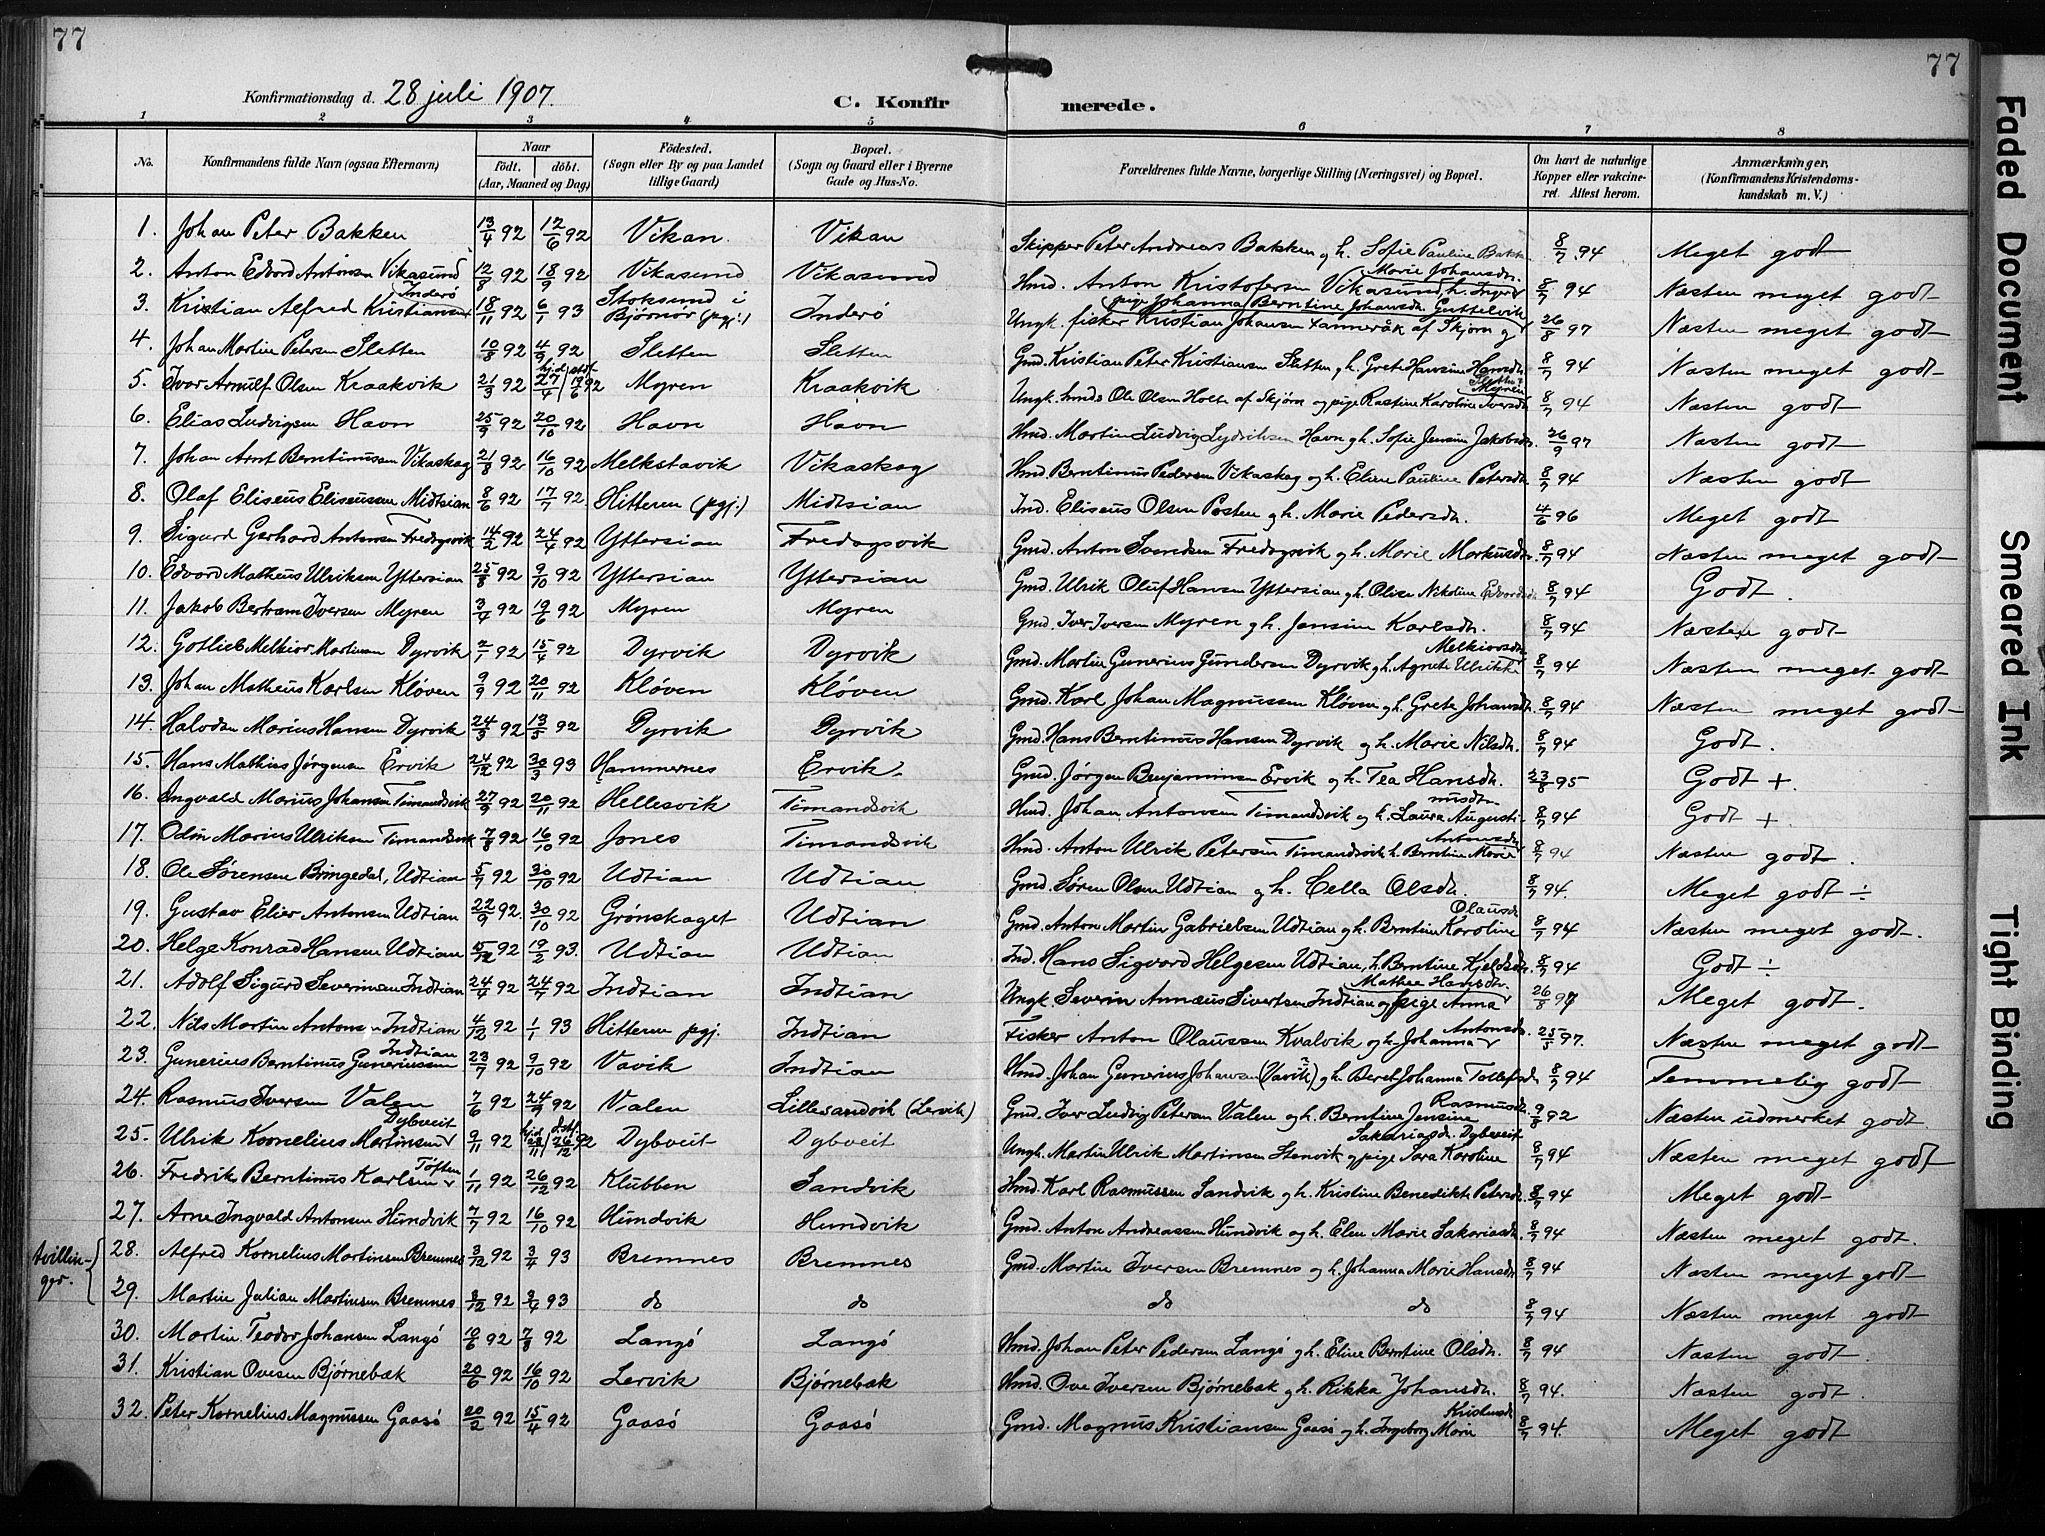 SAT, Ministerialprotokoller, klokkerbøker og fødselsregistre - Sør-Trøndelag, 640/L0580: Ministerialbok nr. 640A05, 1902-1910, s. 77